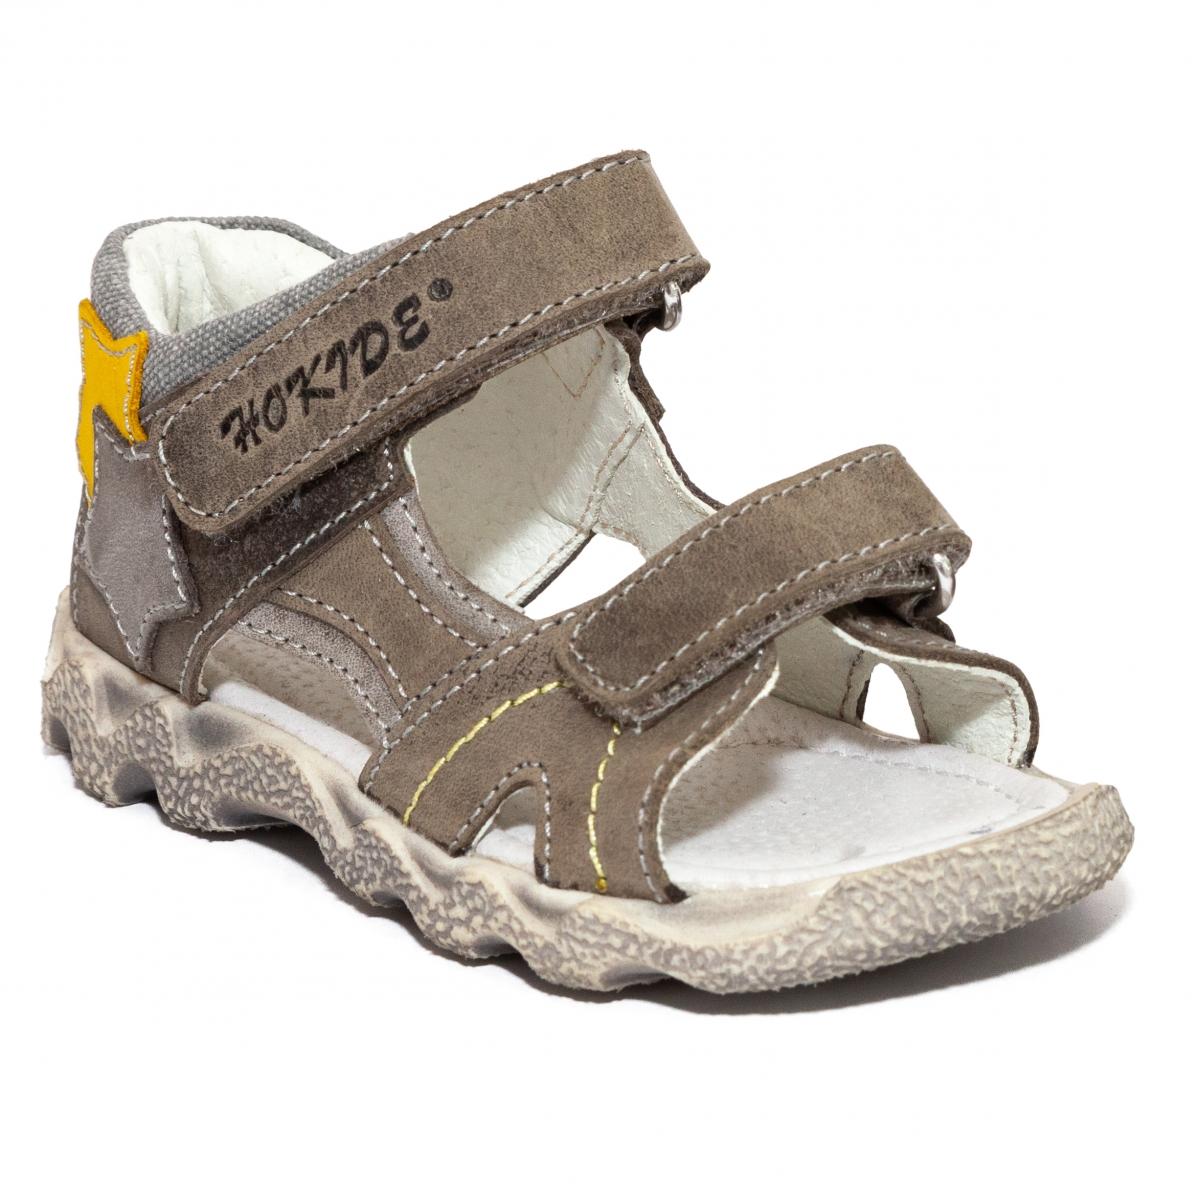 Sandale copii hokide 358 maro 20-35